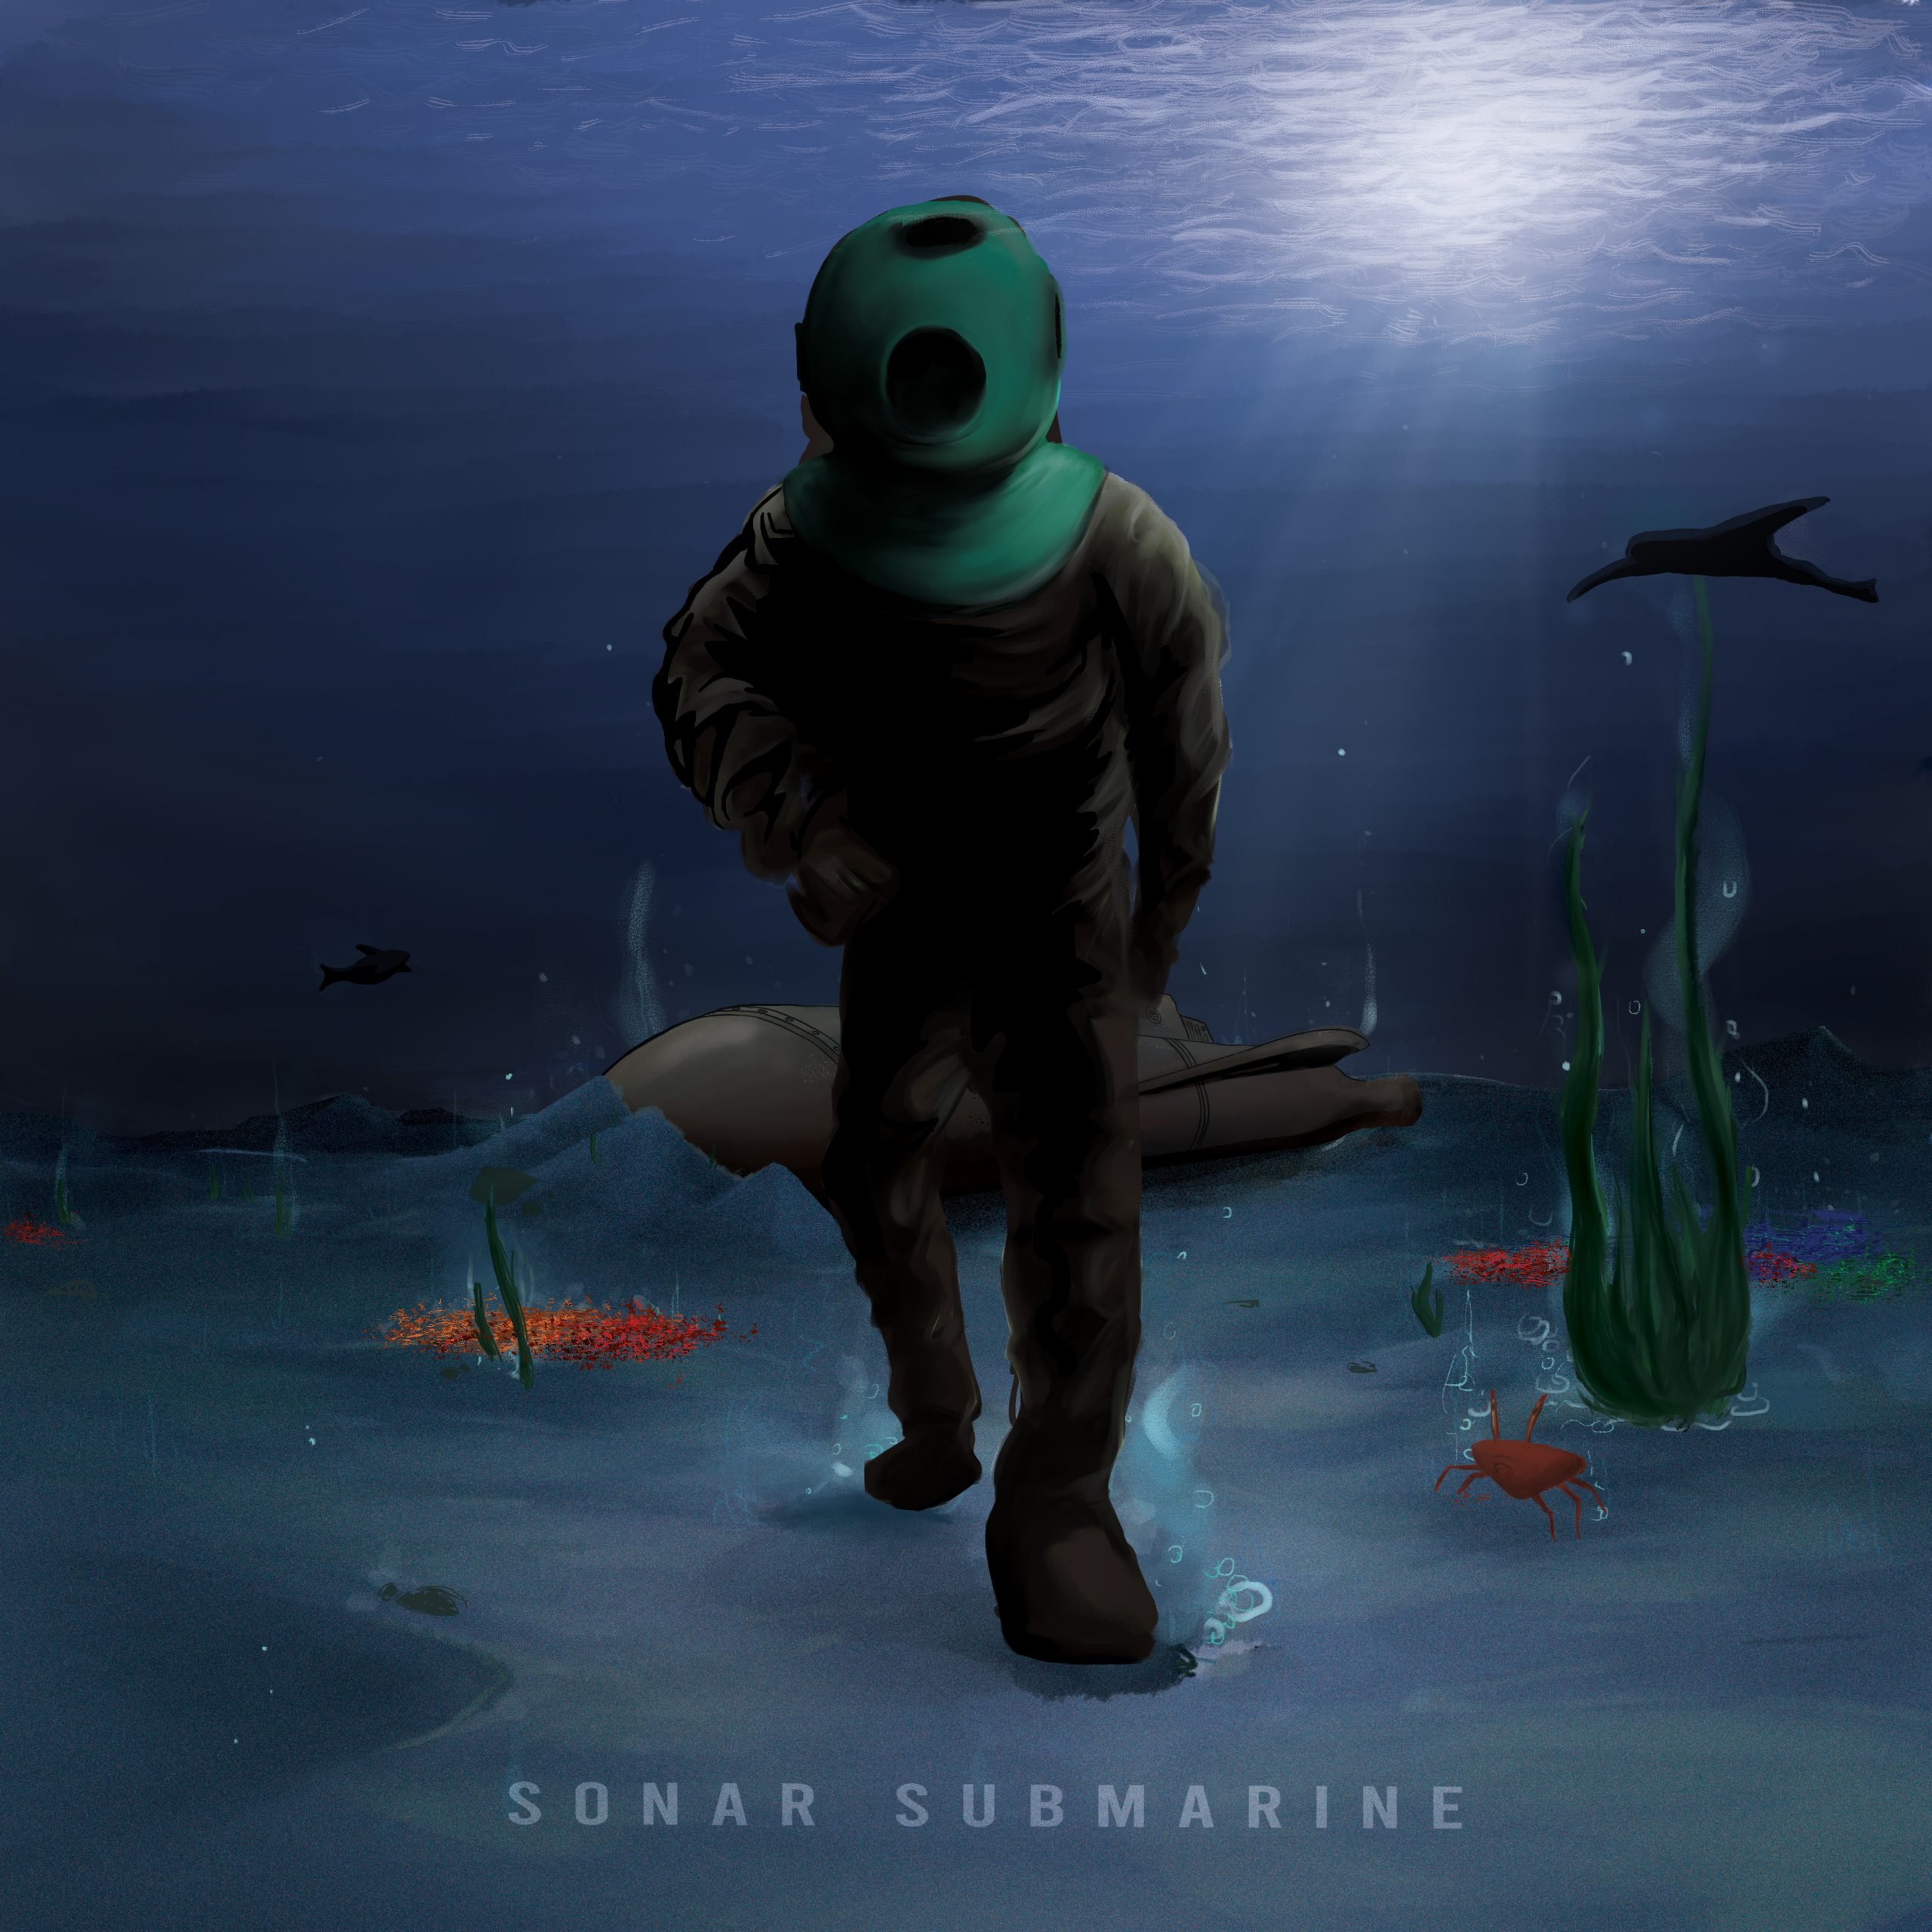 Sonar Submarine – Album Cover